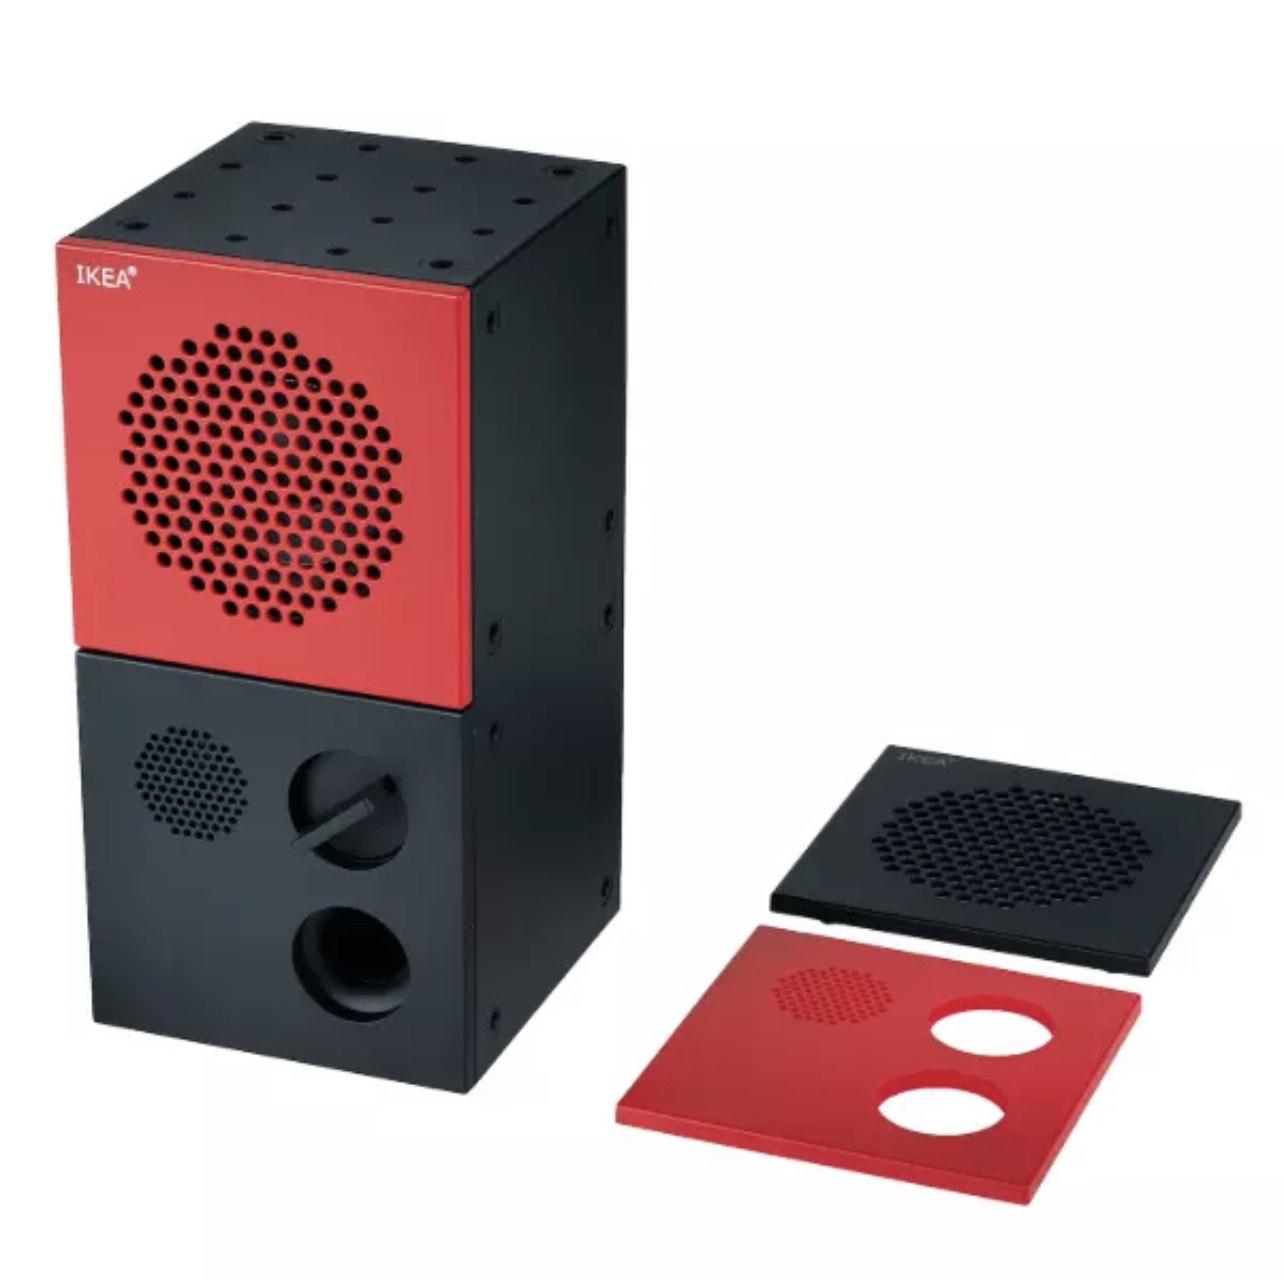 Ikea Frekvens Lautsprecher für je 25€ [Lokal Kamen]